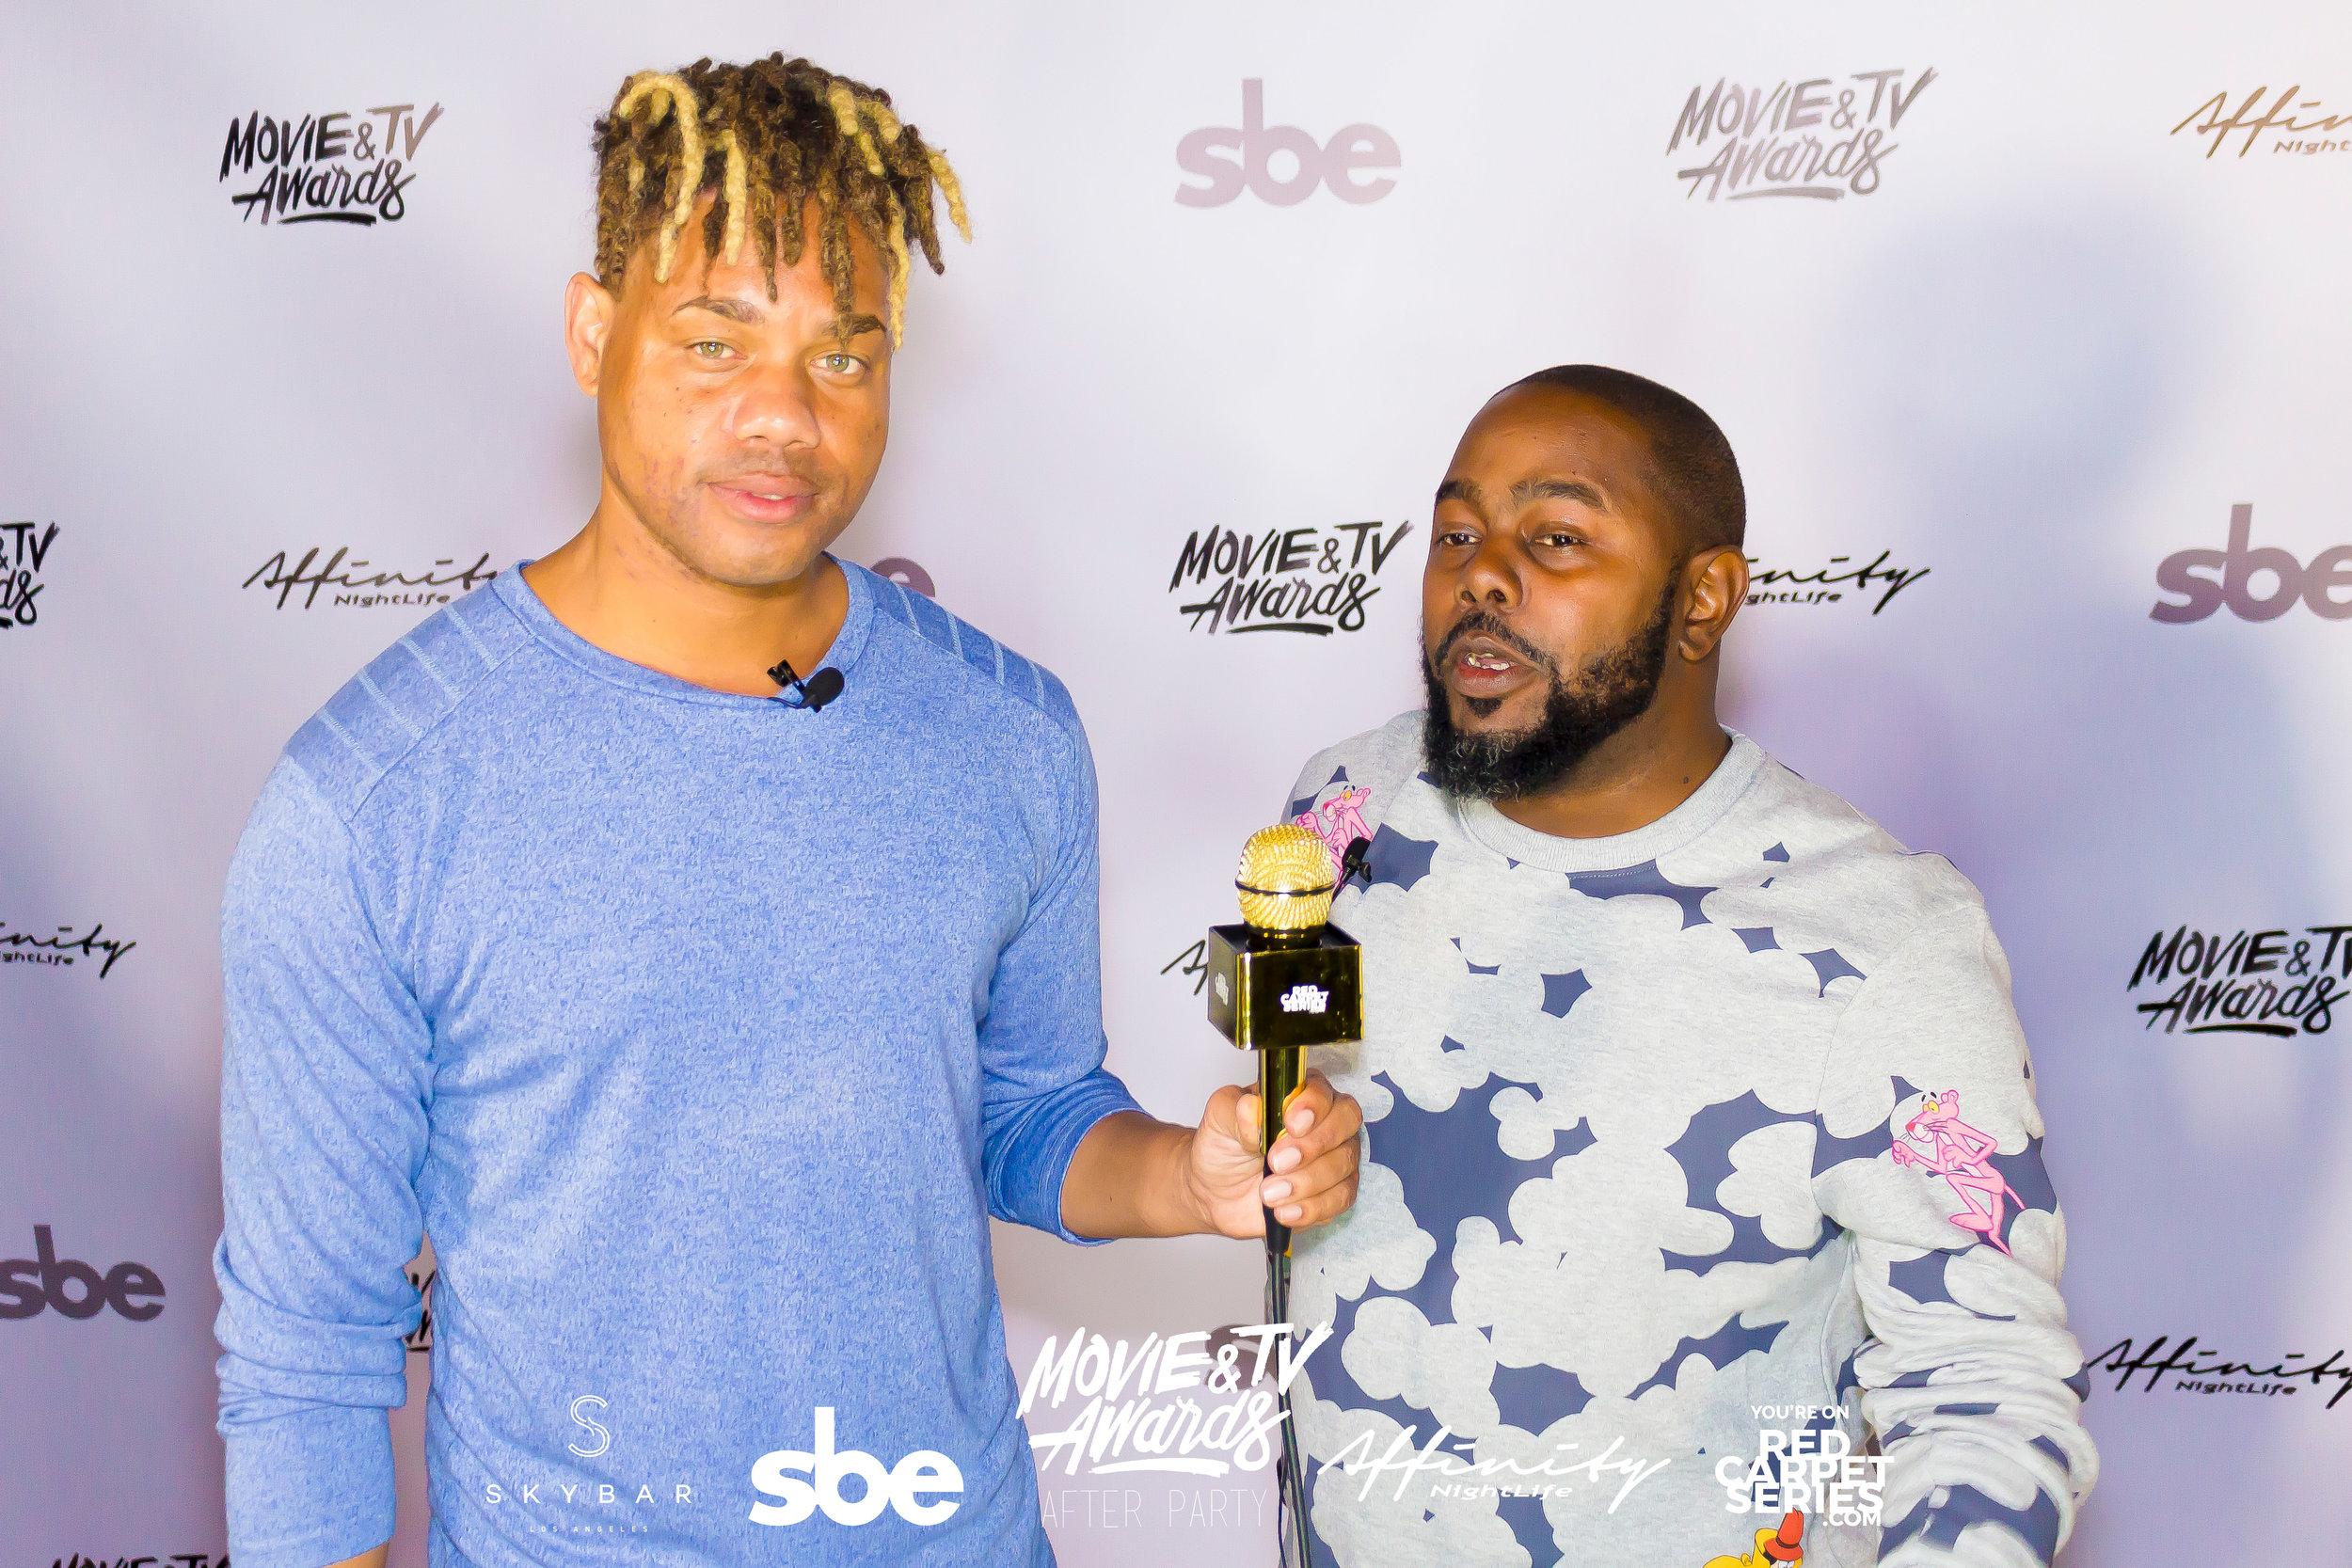 Affinity Nightlife MTV Movie & TV Awards After Party - Skybar at Mondrian - 06-15-19 - Vol. 1_110.jpg